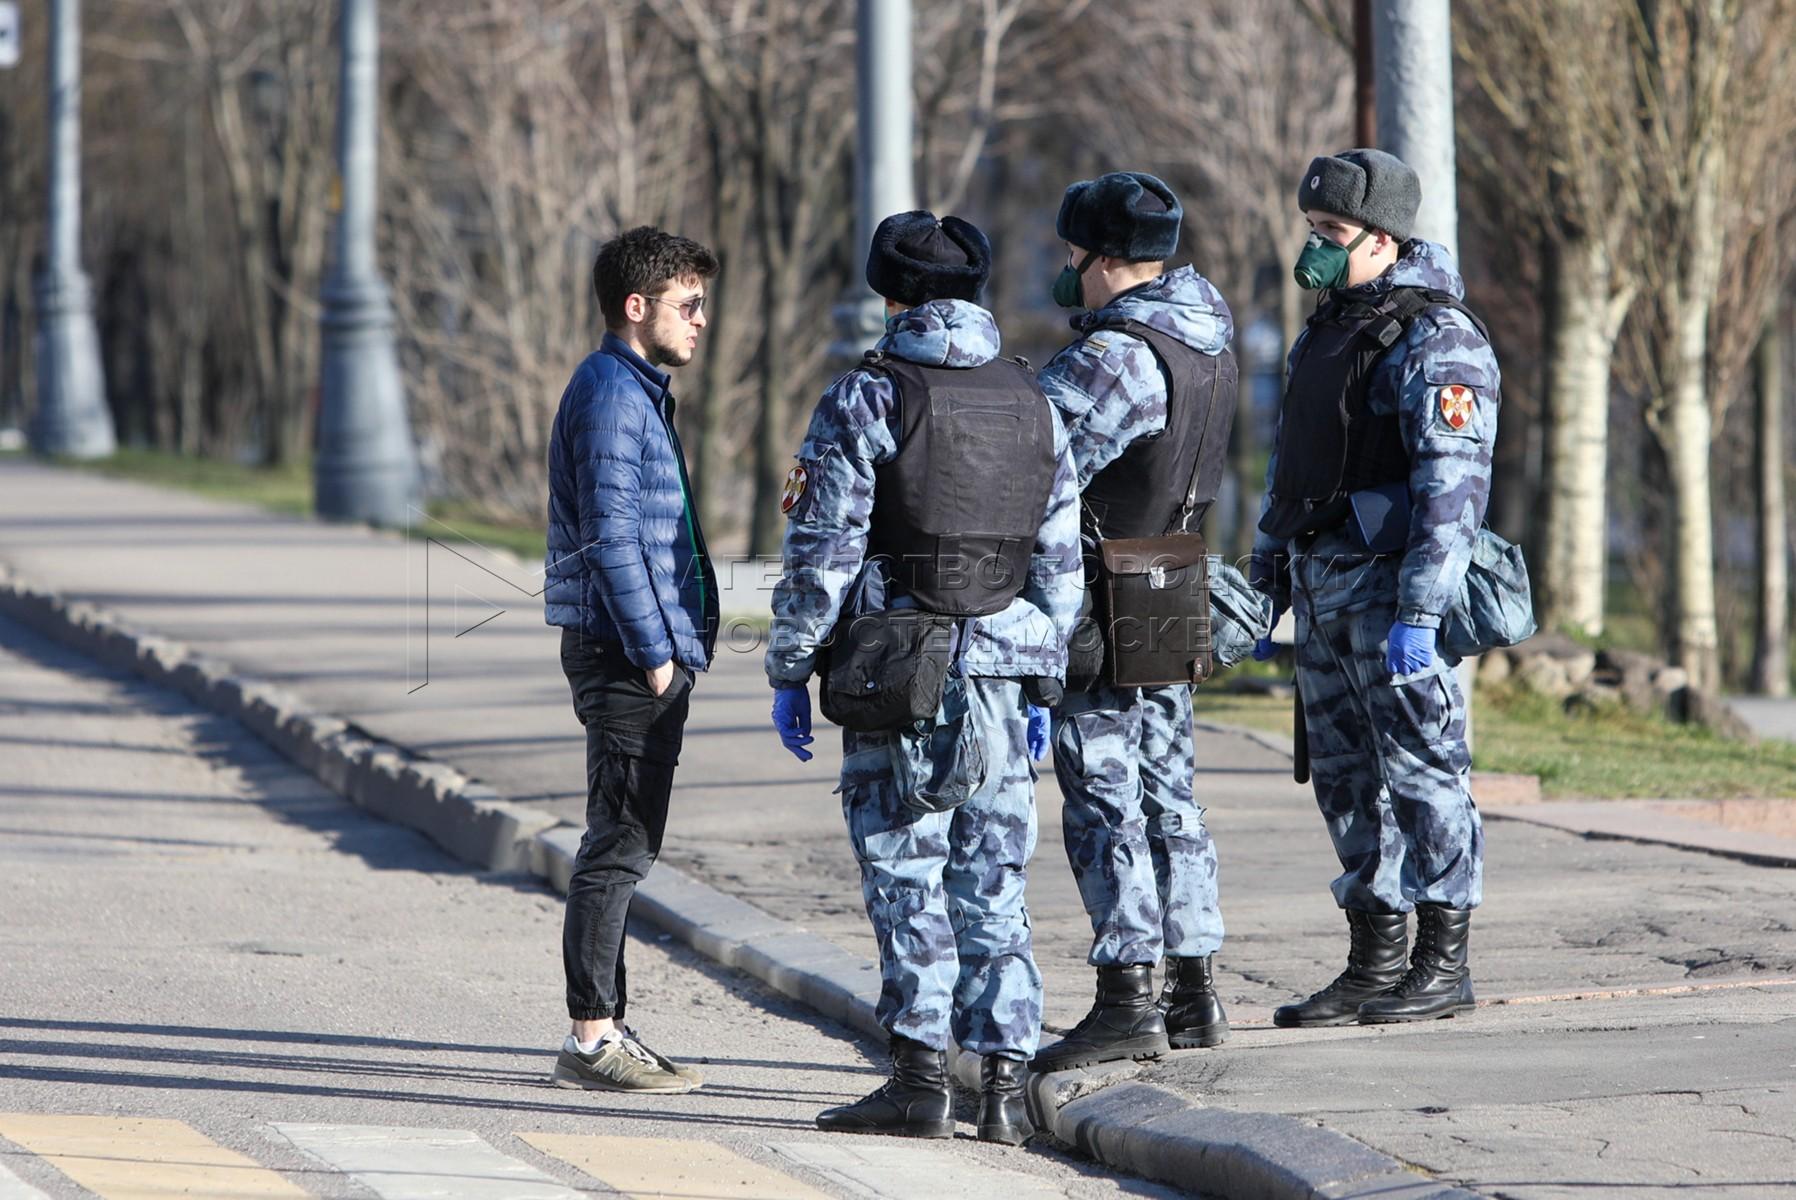 Профилактическая работа сотрудников Росгвардии с гражданами по соблюдению режима самоизоляции в Москве.